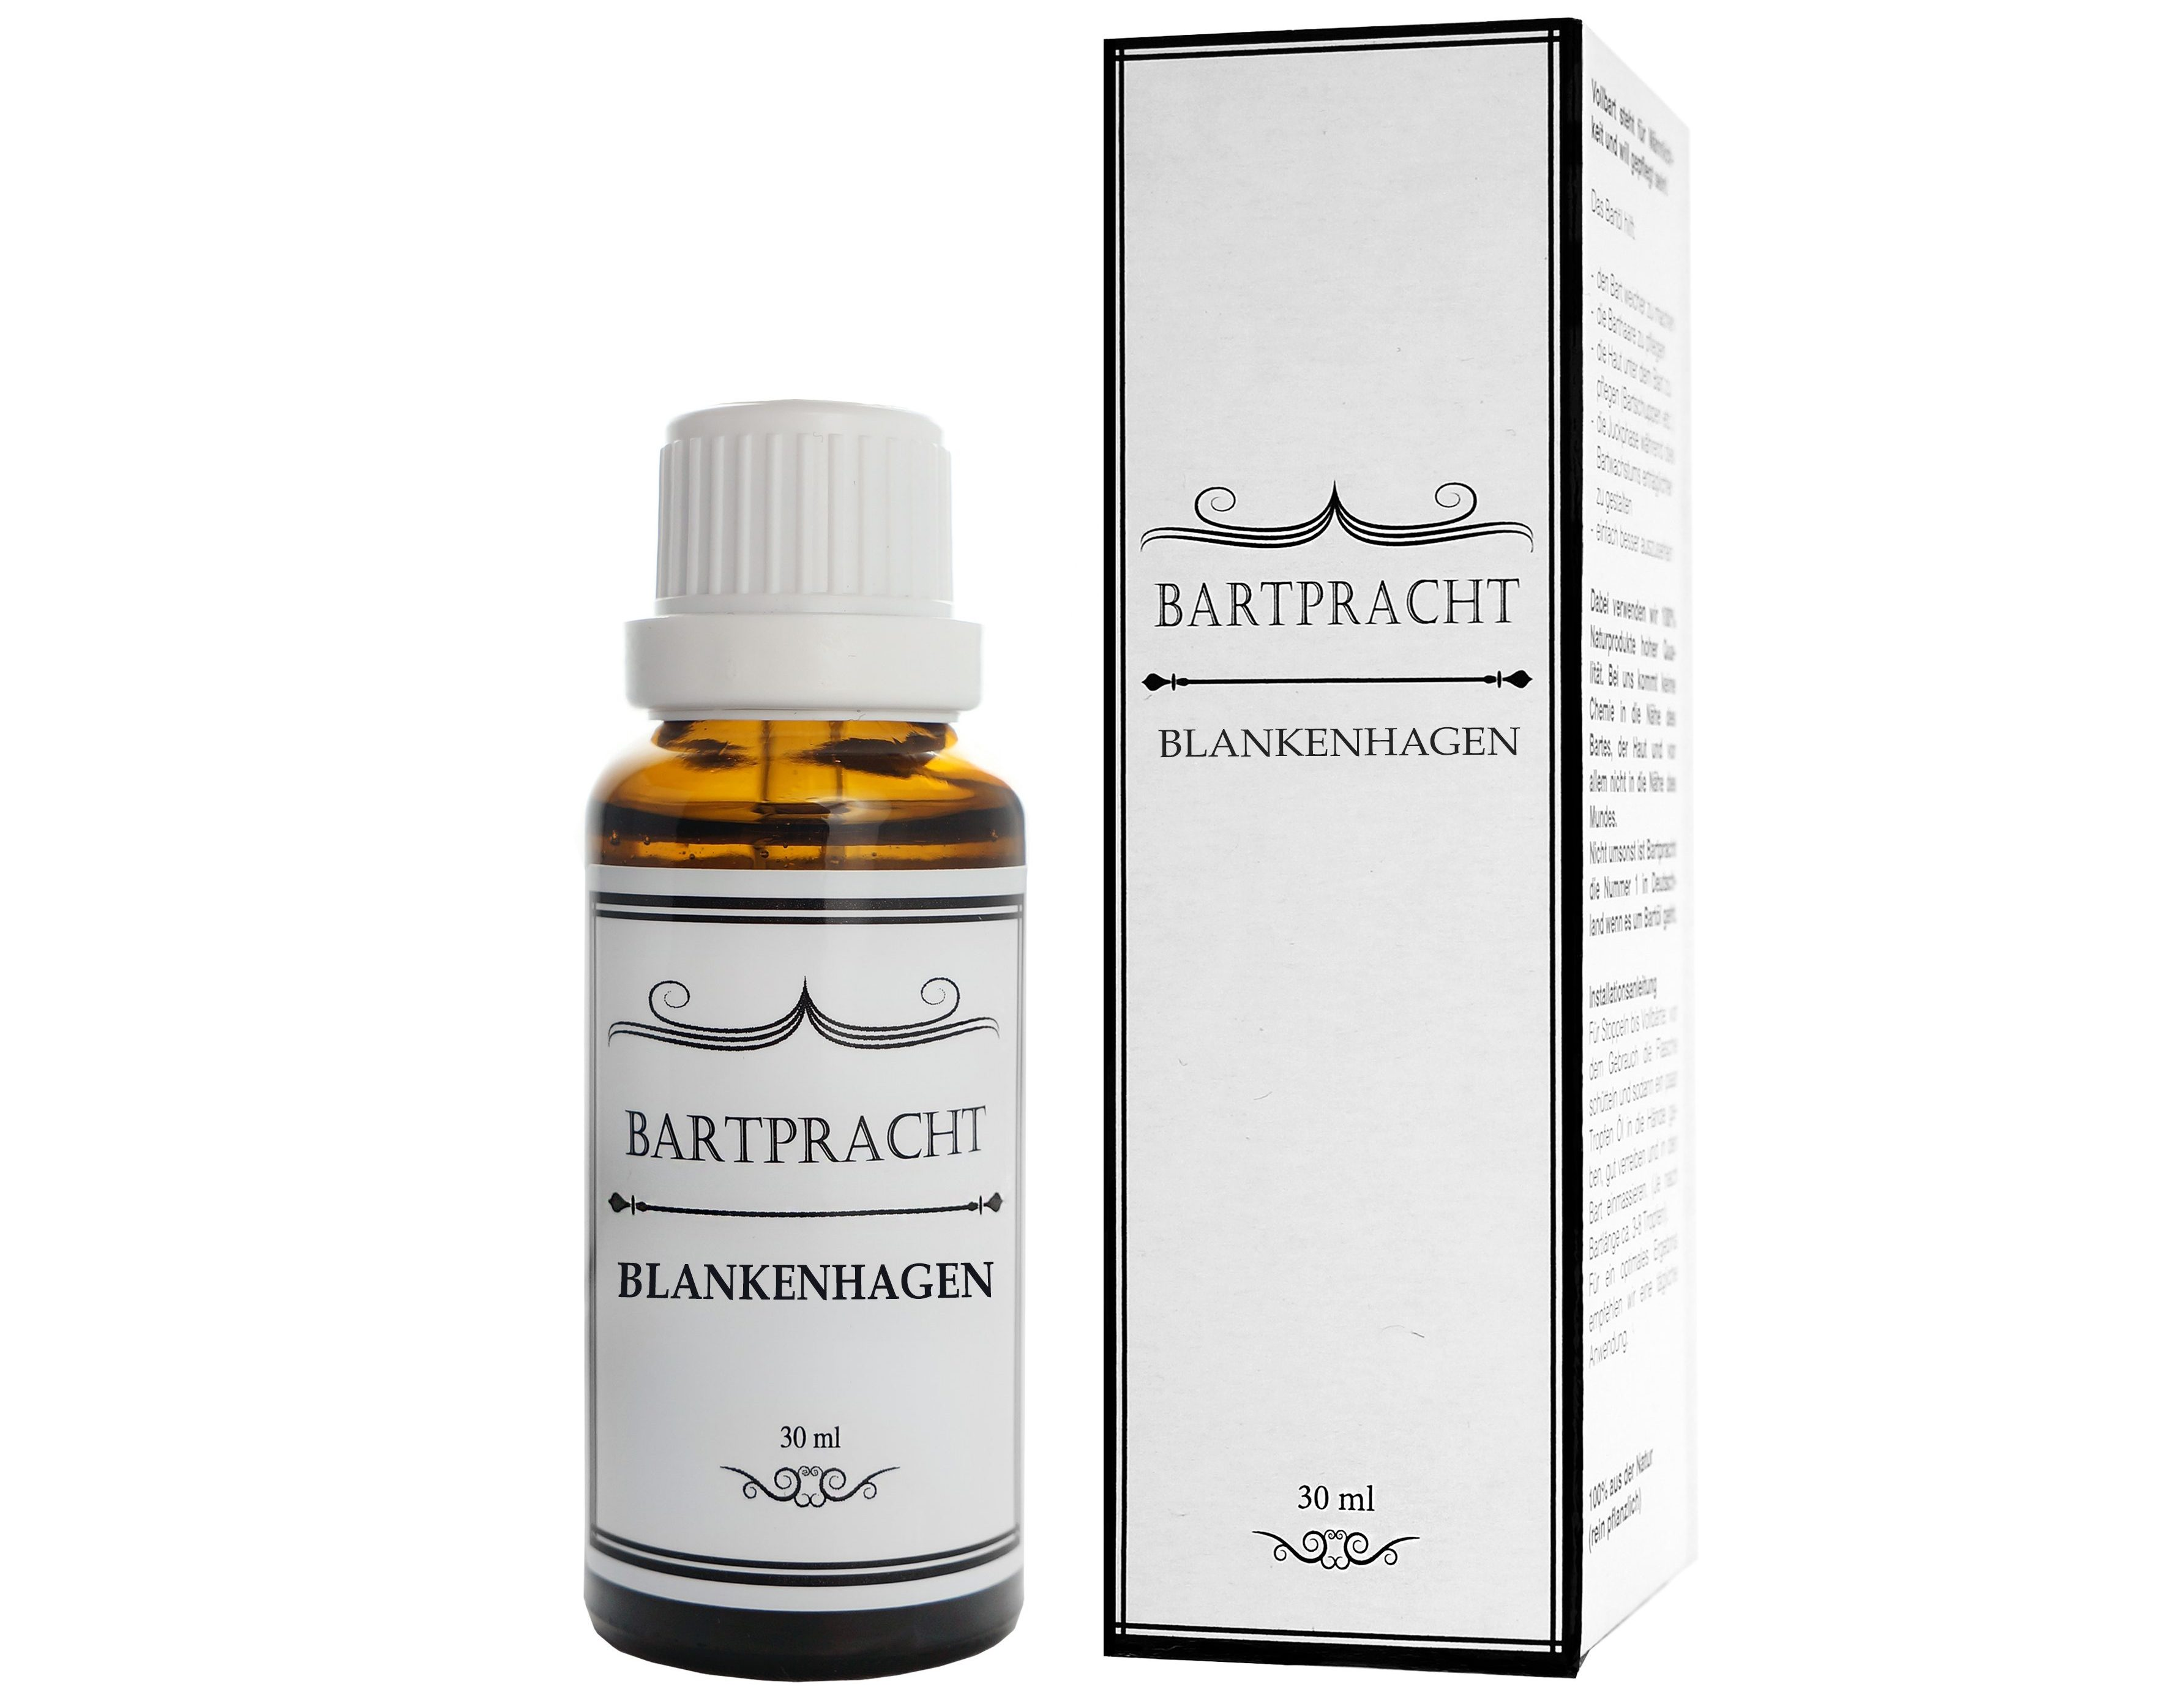 Das Rasieröl Blankenhagen von Bartpracht sorgt für eine sanfte Nassrasur.